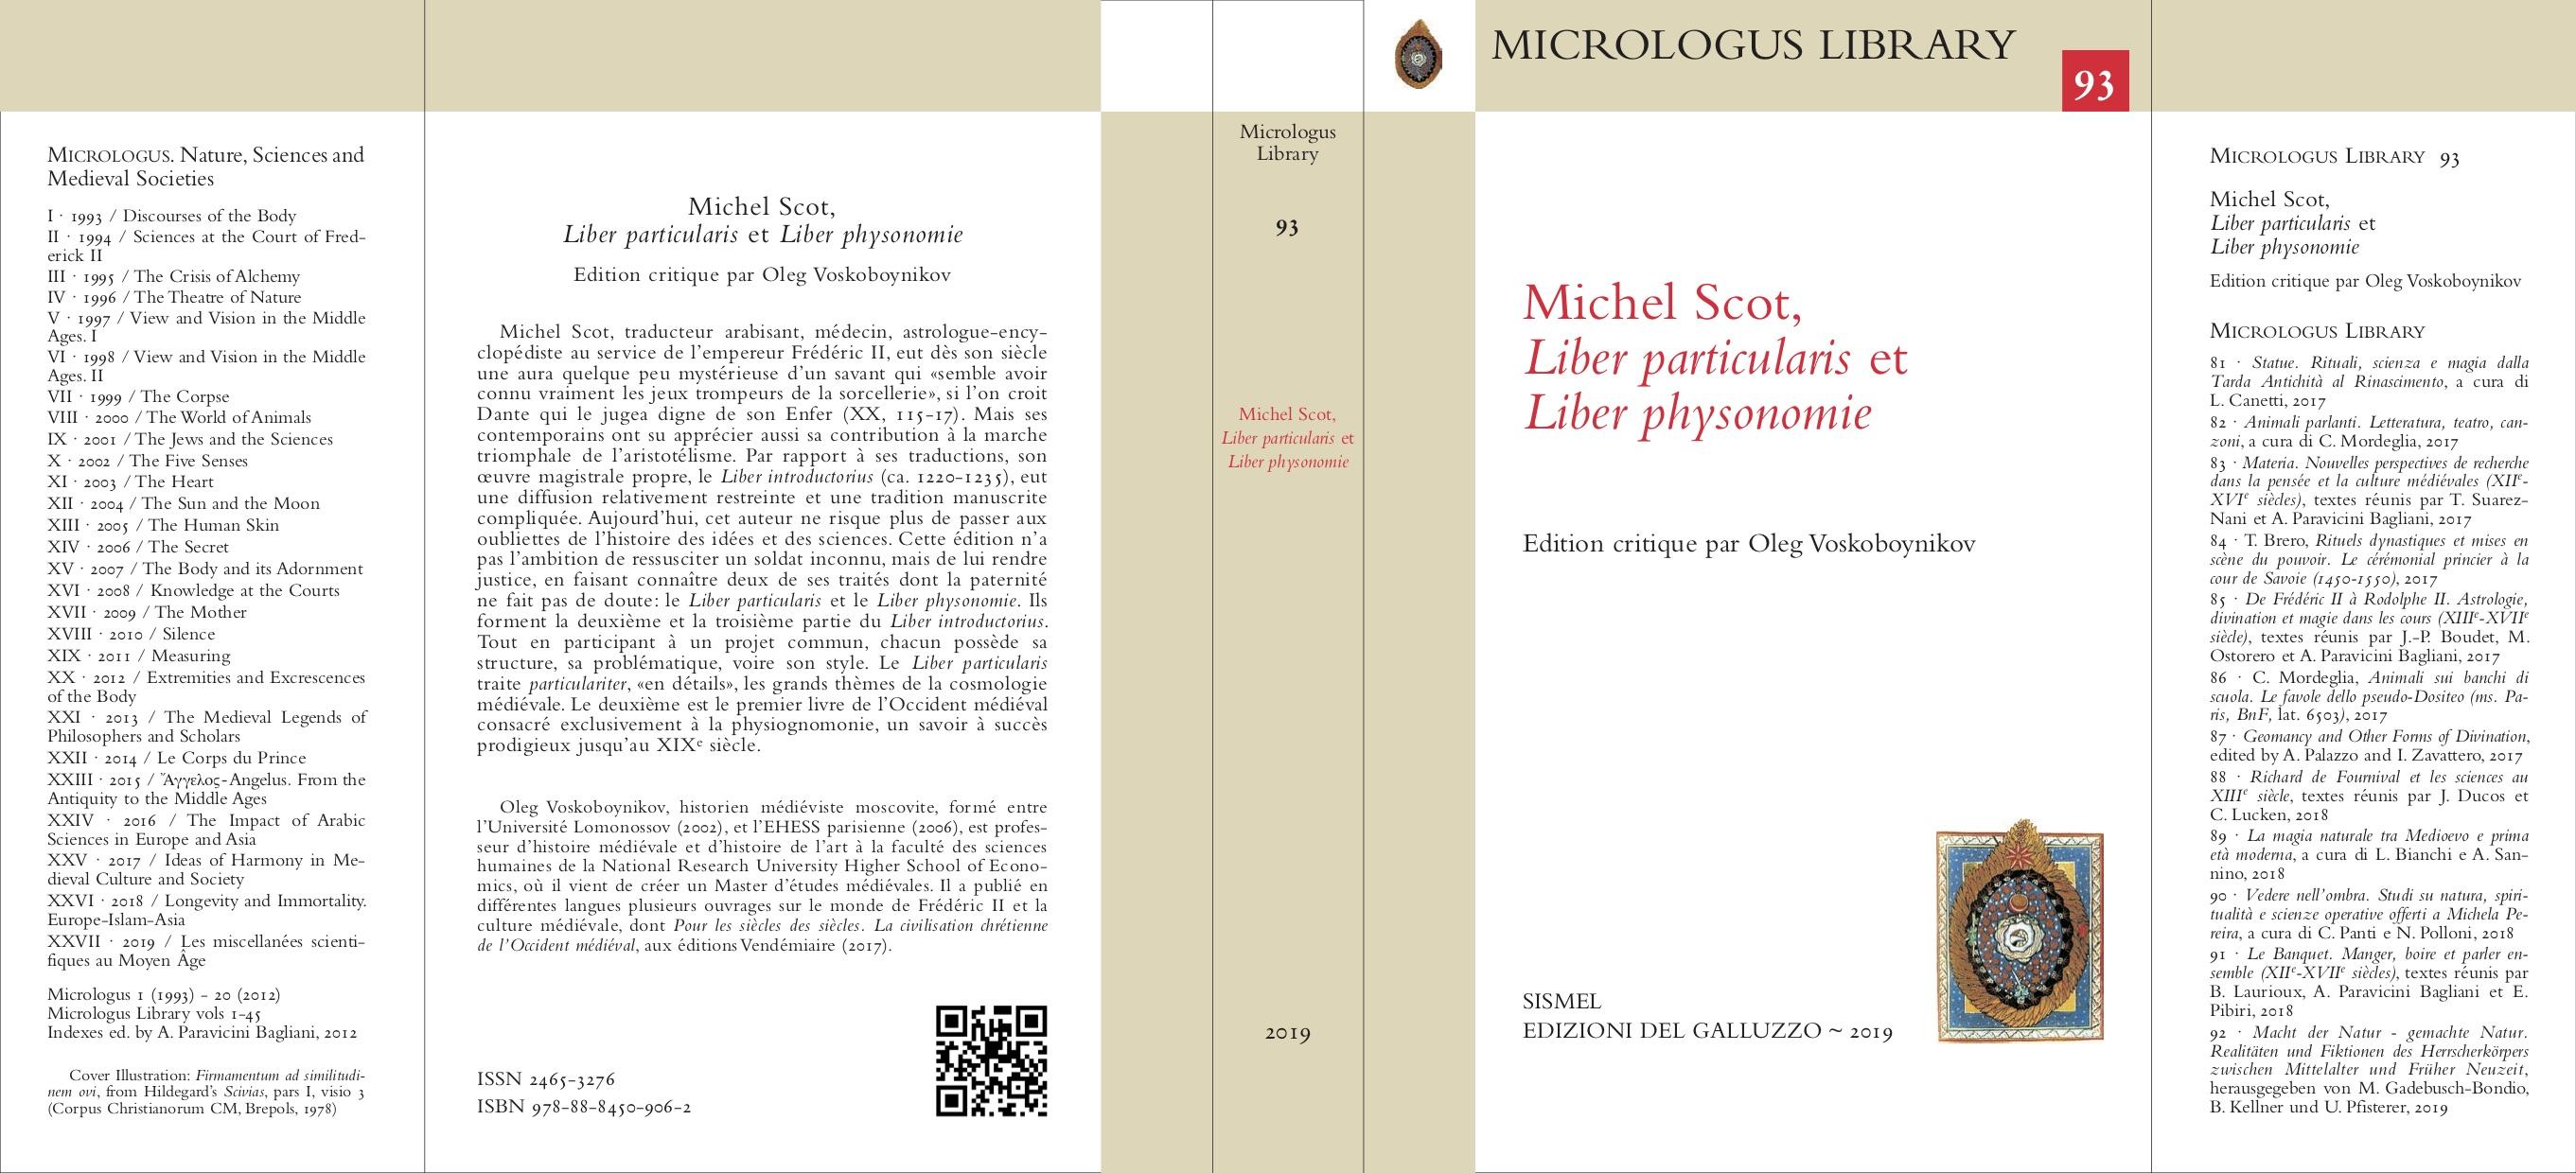 Michel Scot. Liber particularis. Liber physonomie Edition critique, introduction et notes par Oleg Voskoboynikov